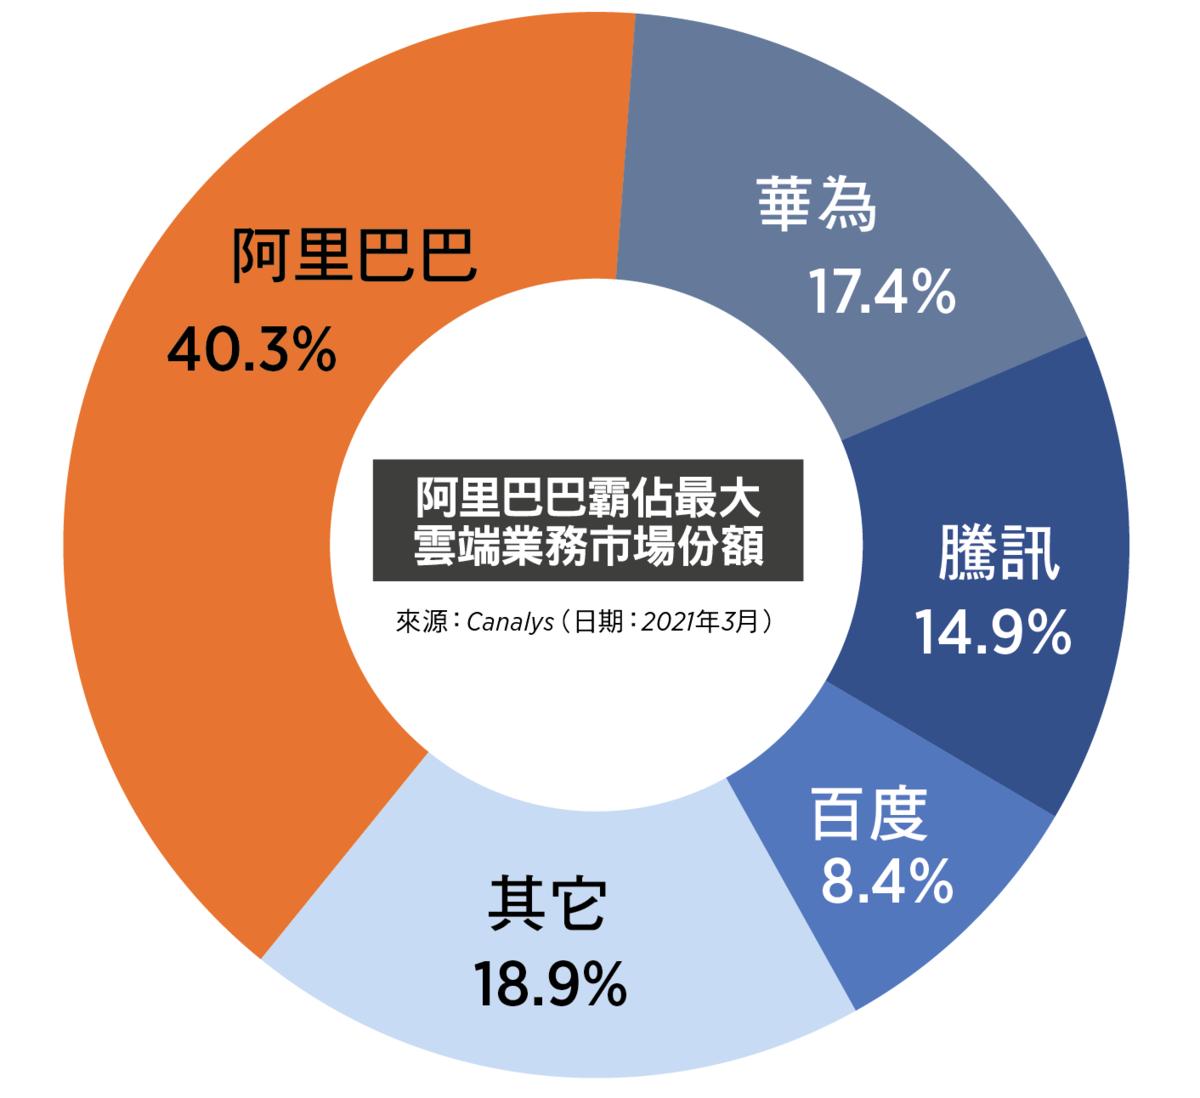 阿里巴巴霸佔最大雲端業務市場份額(大紀元製圖)